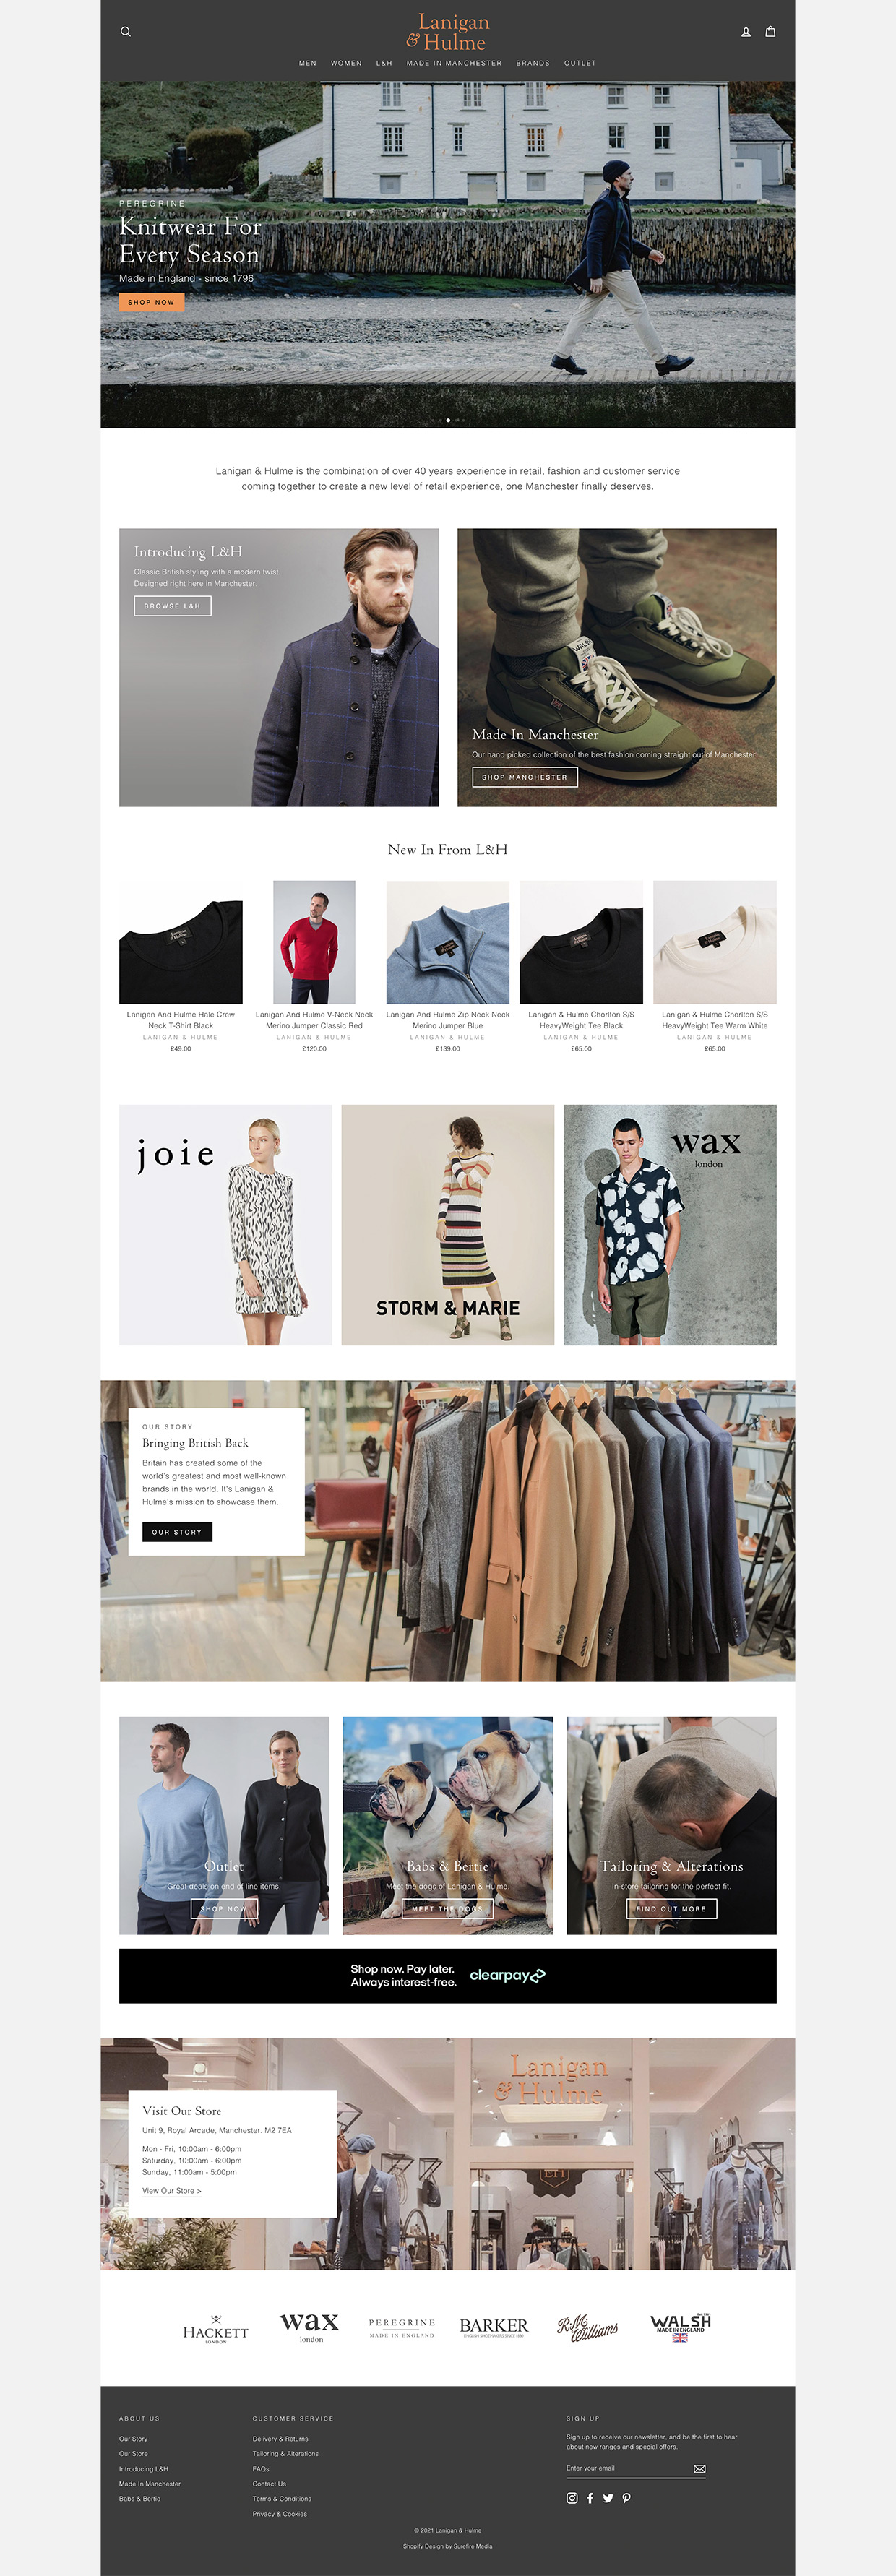 Squarespace to Shopify Replatforming